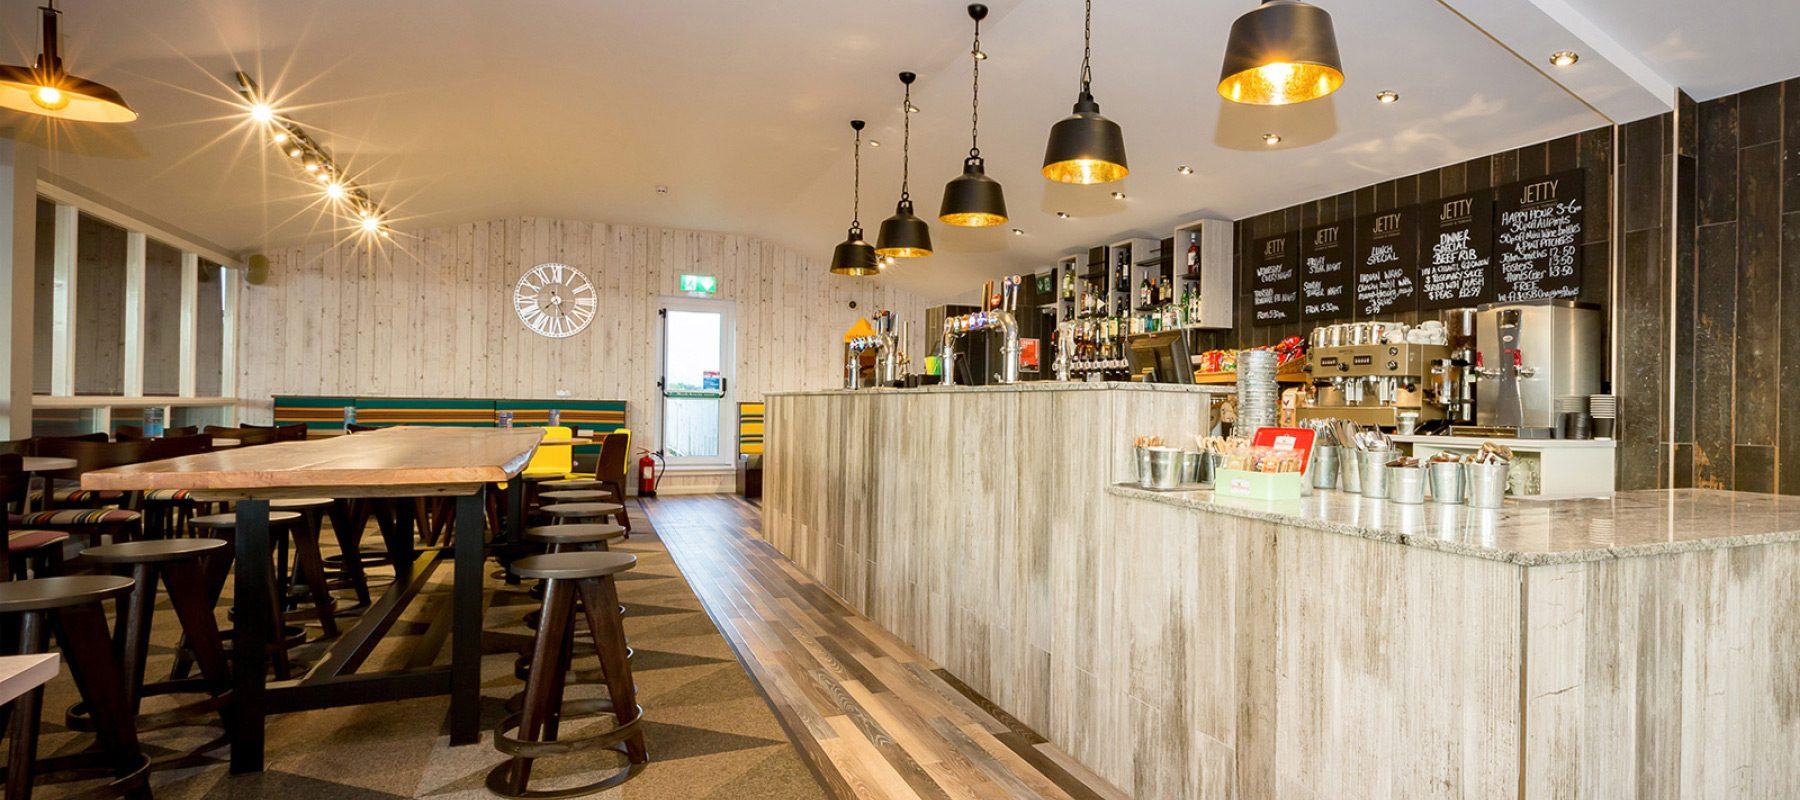 refit refurbishment restaurant interior design